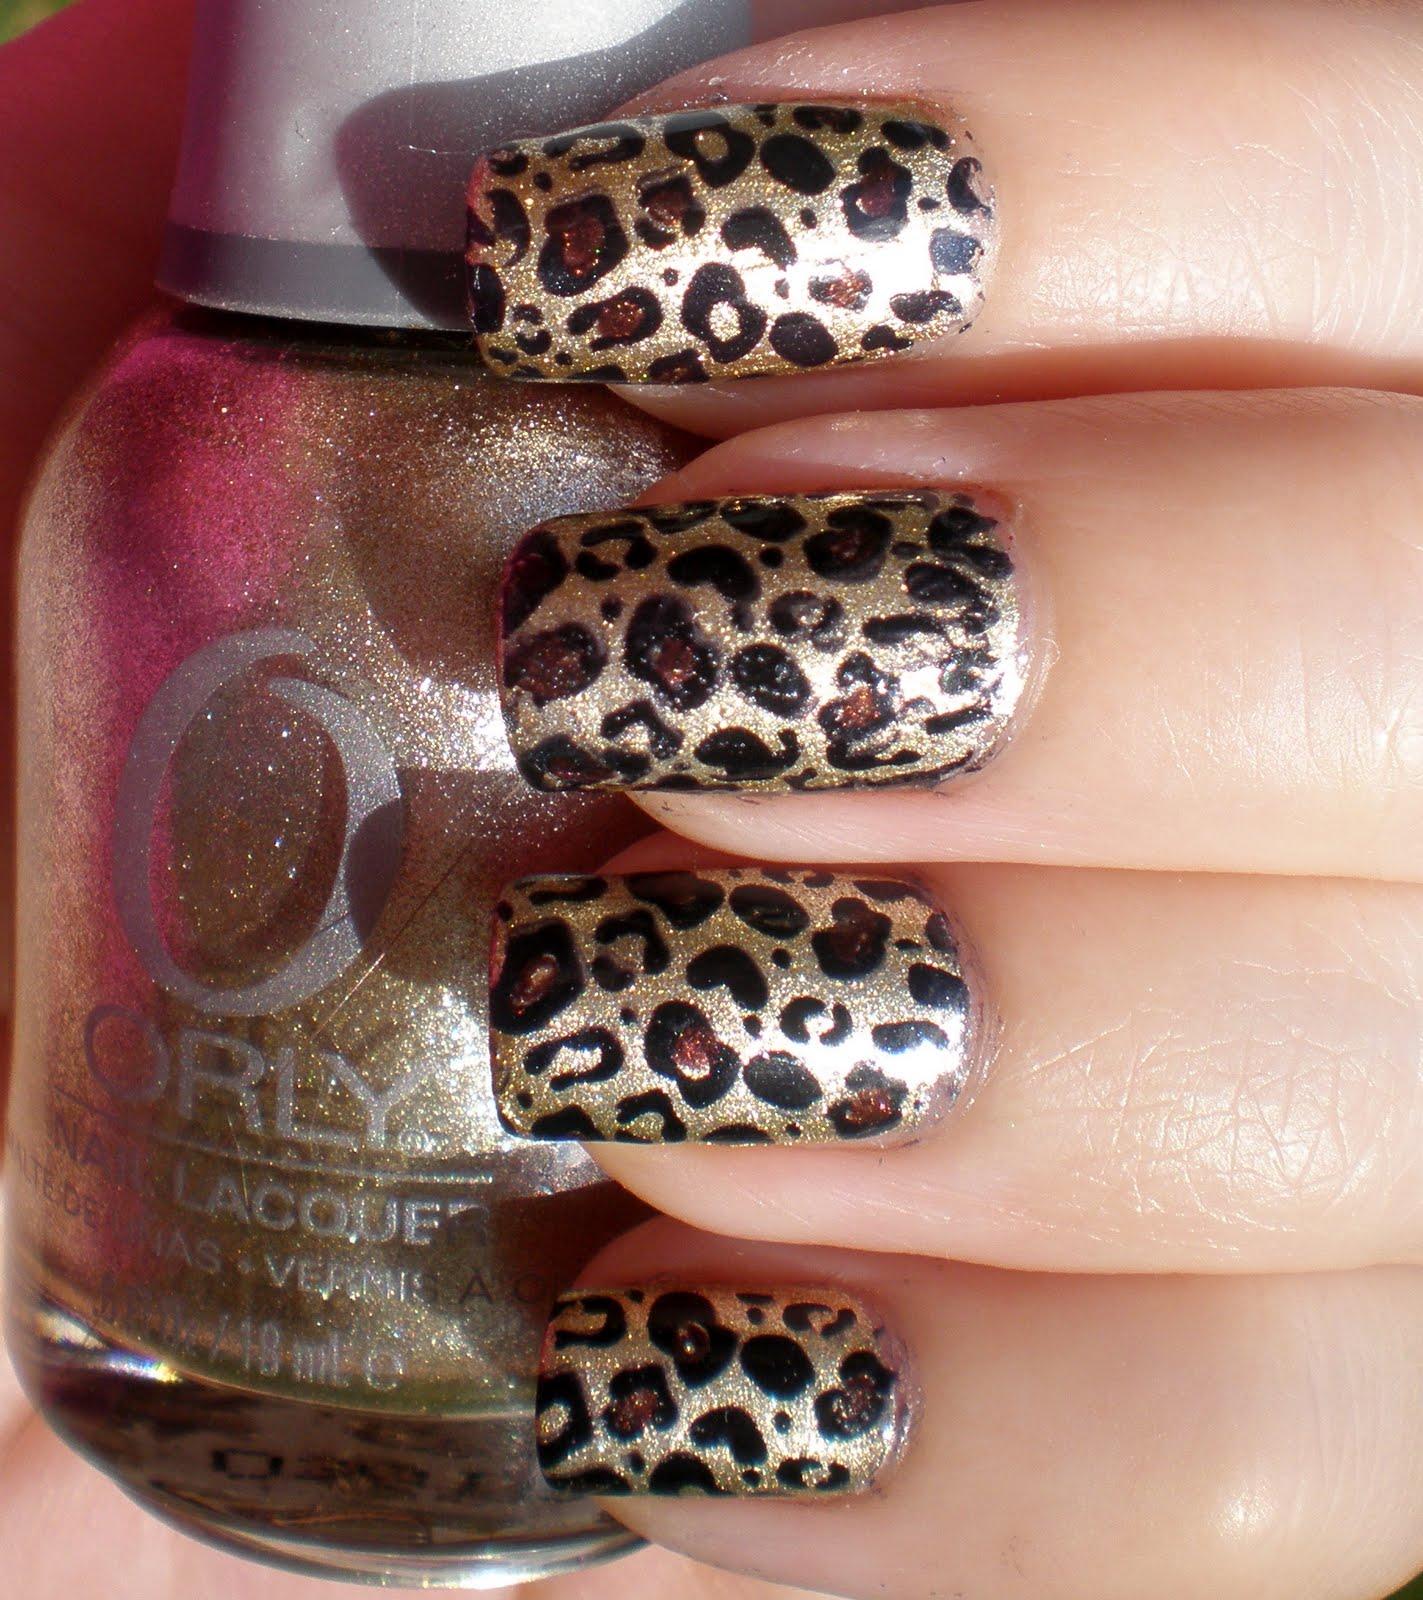 The Cool 2015 cheetah print nail designs Image